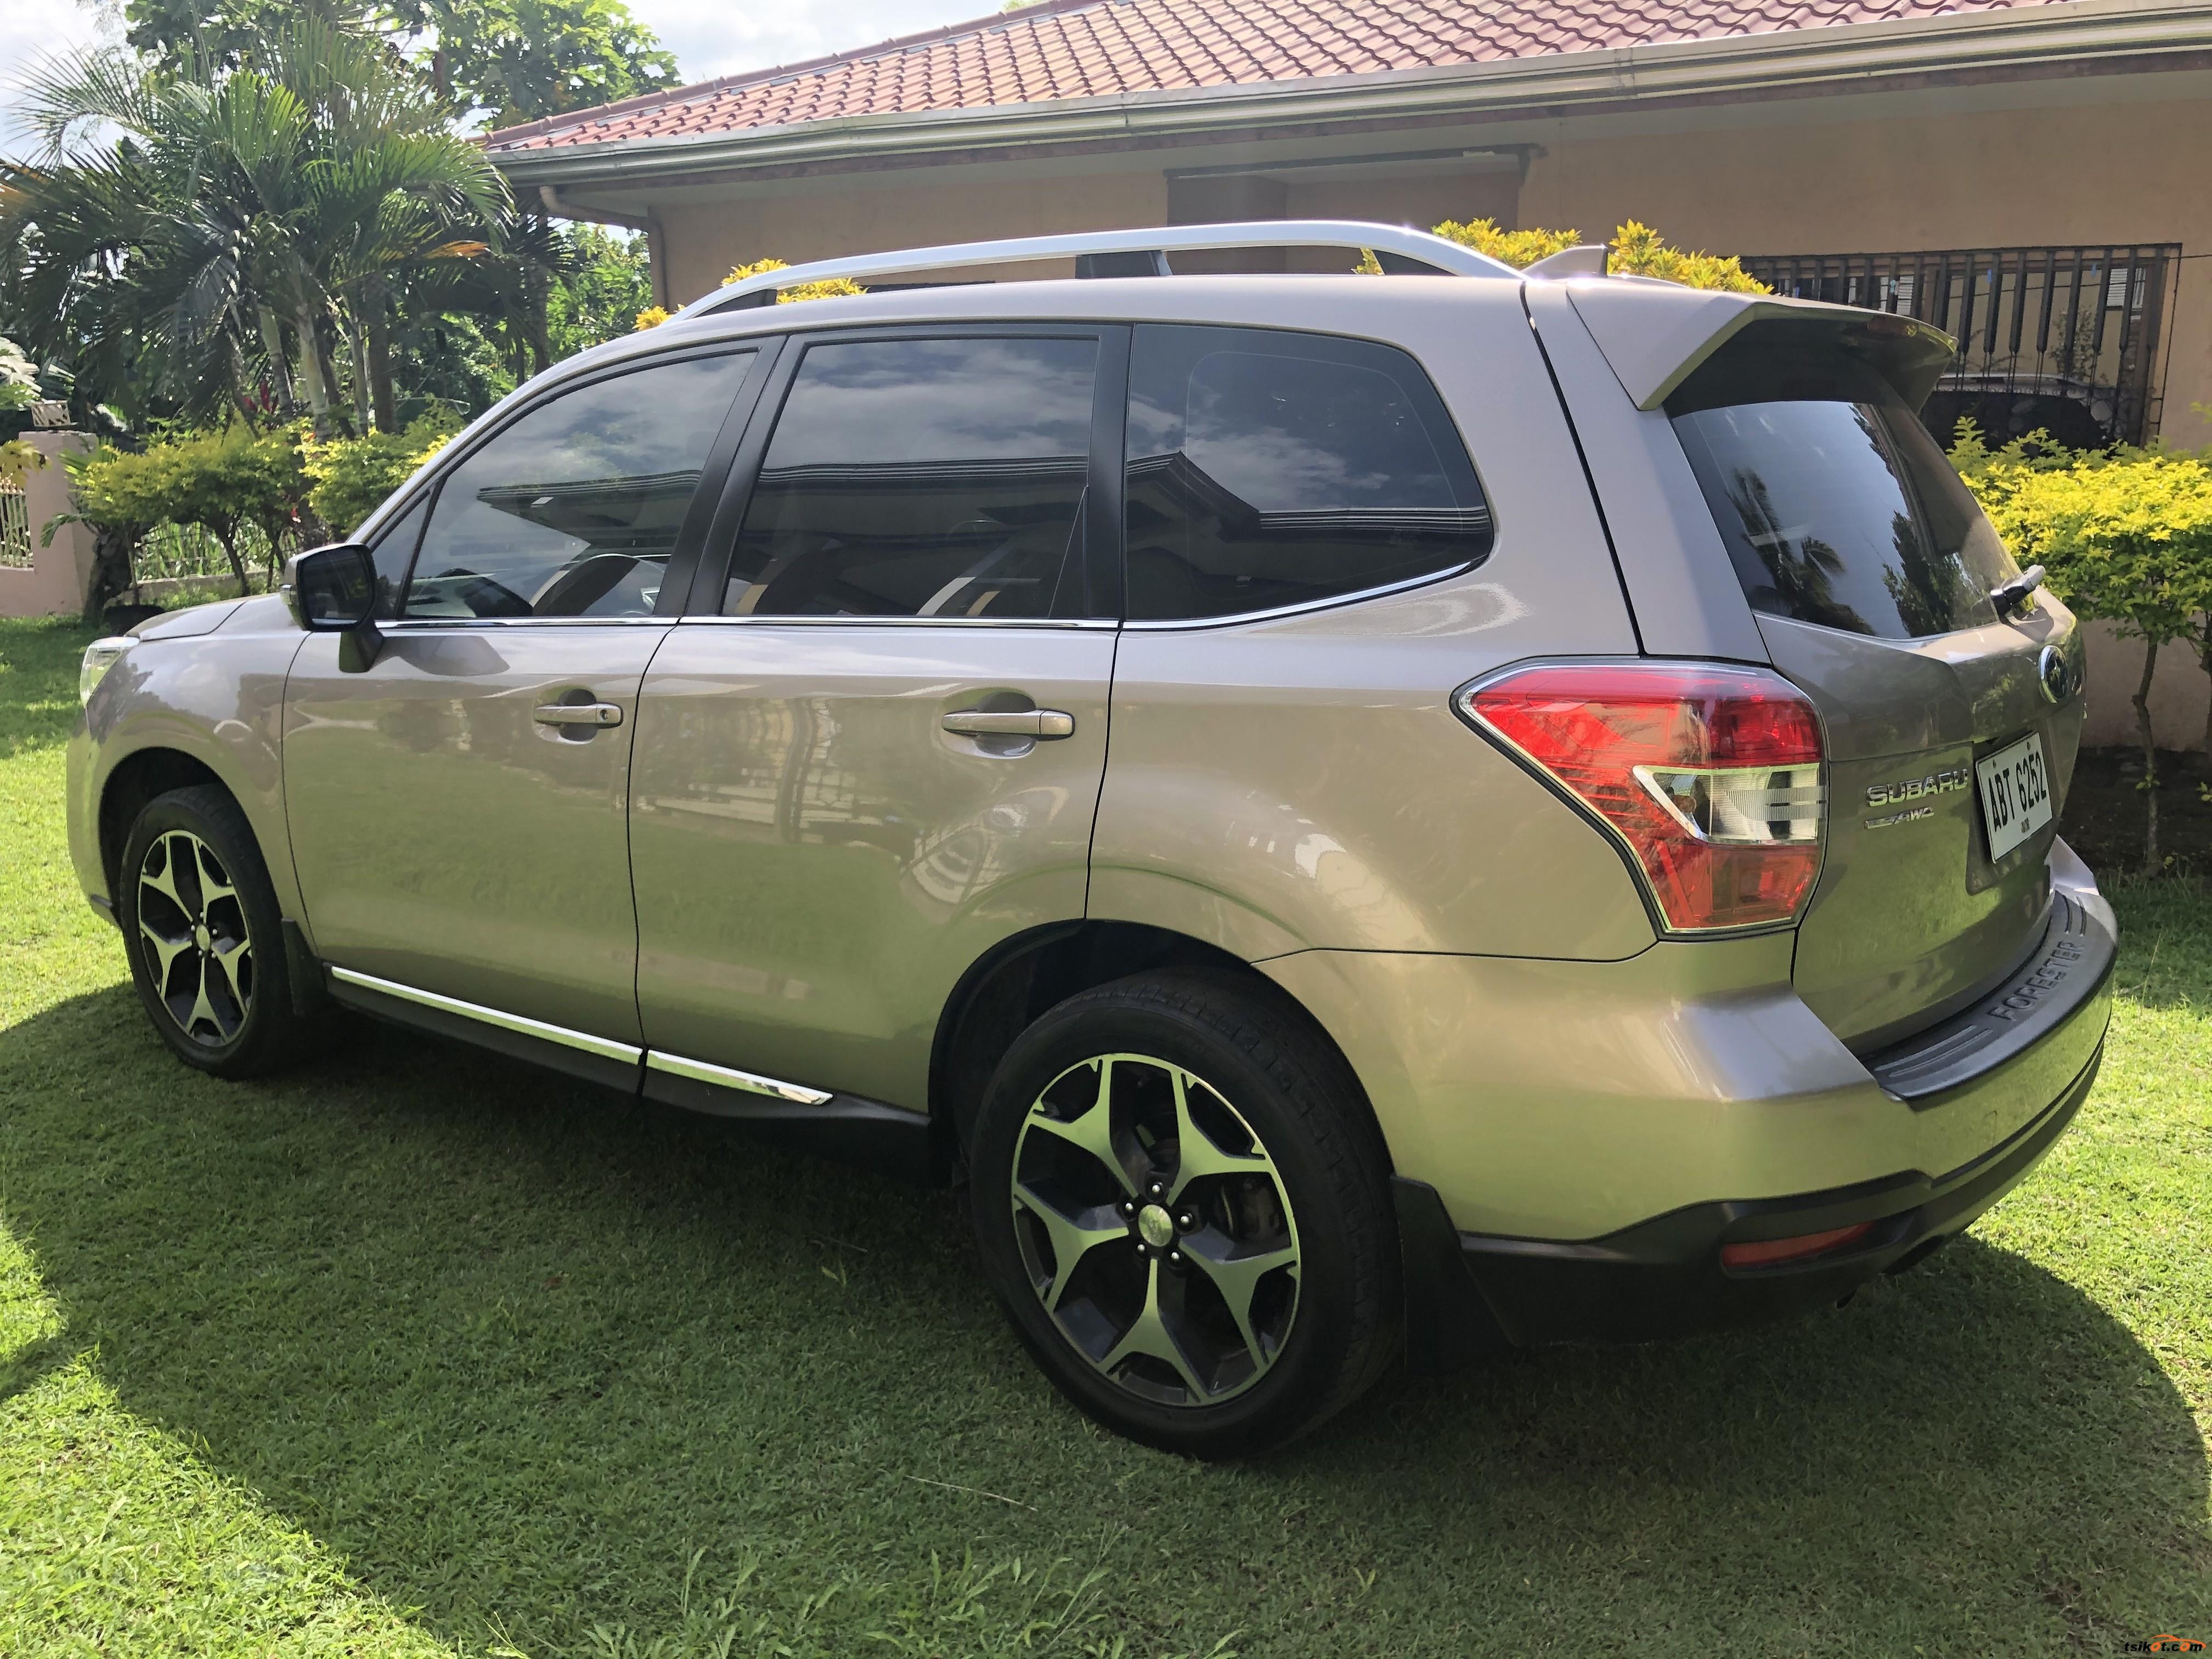 Subaru Xt 2015 - 5